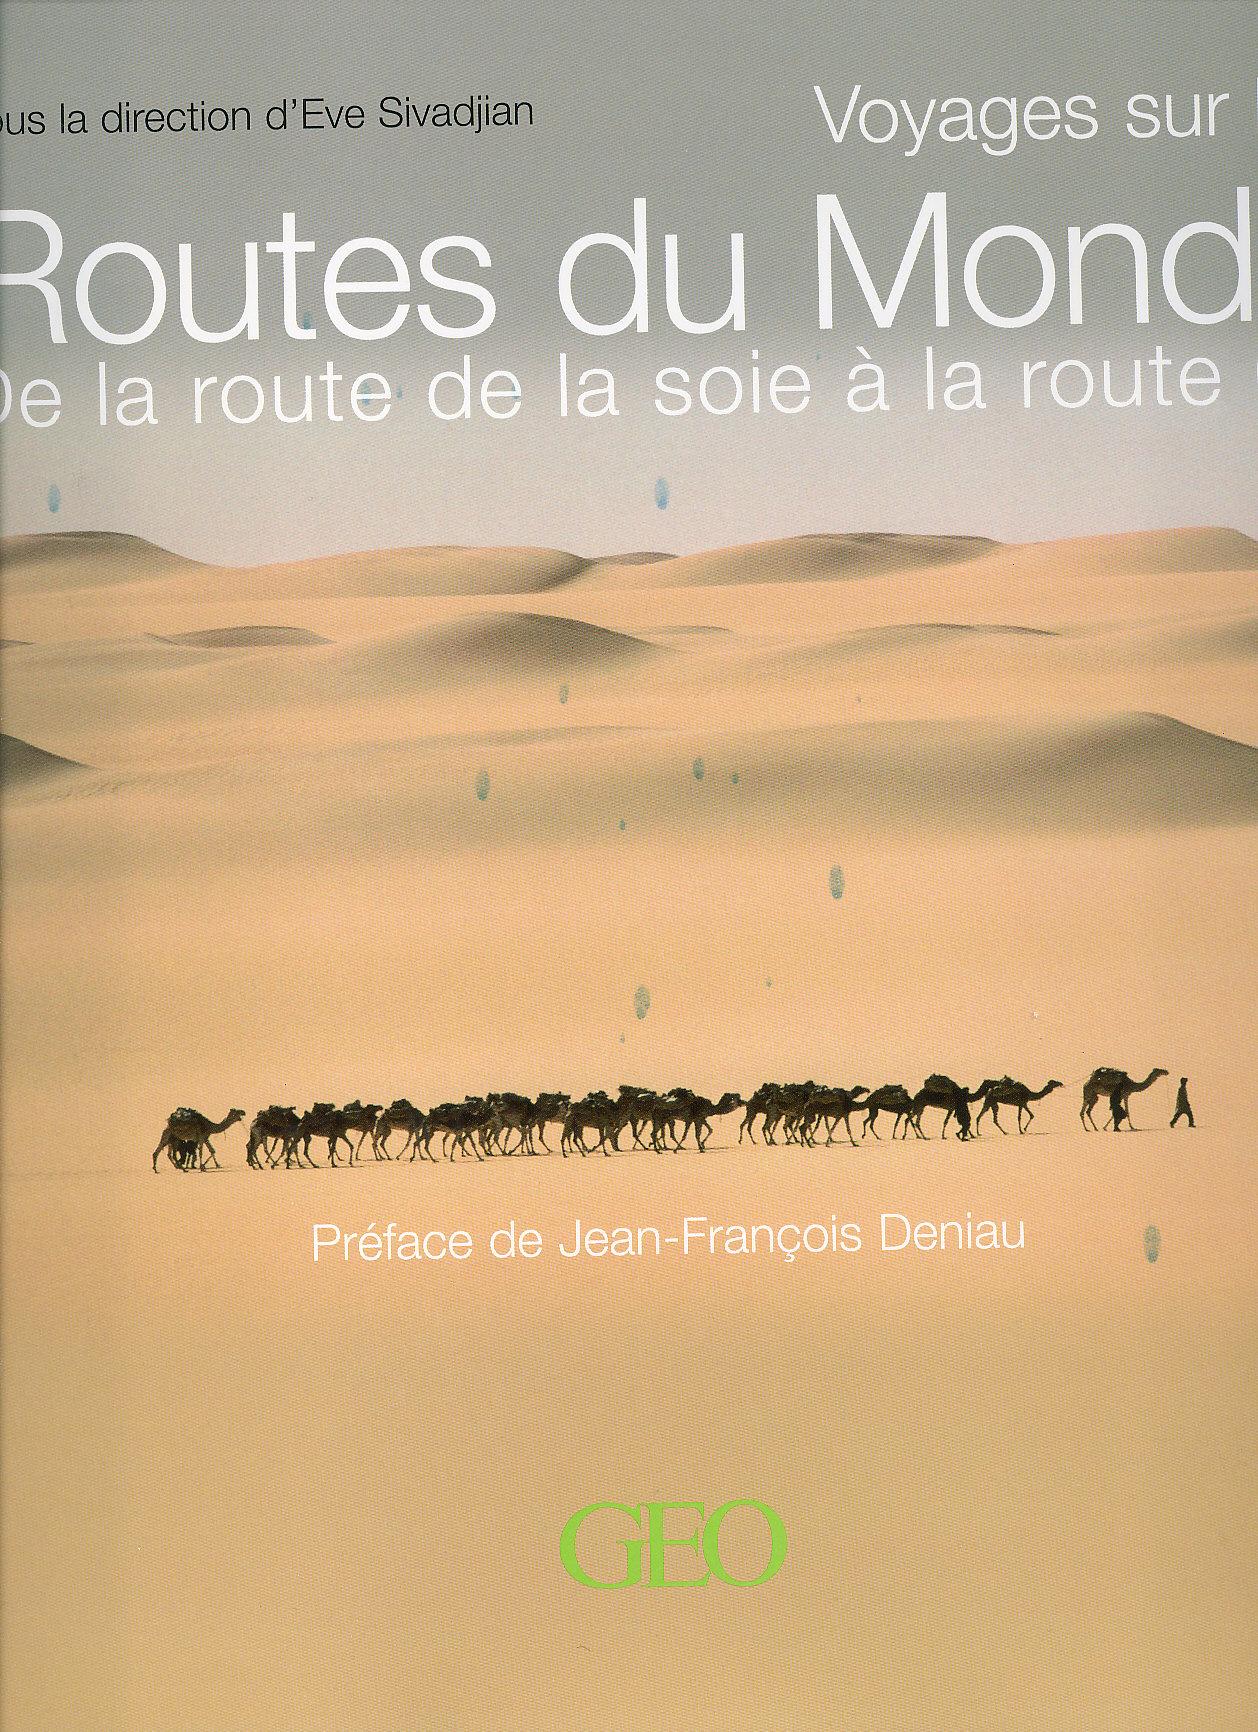 Voyages sur les routes du monde; De la route de la soie à la route 66